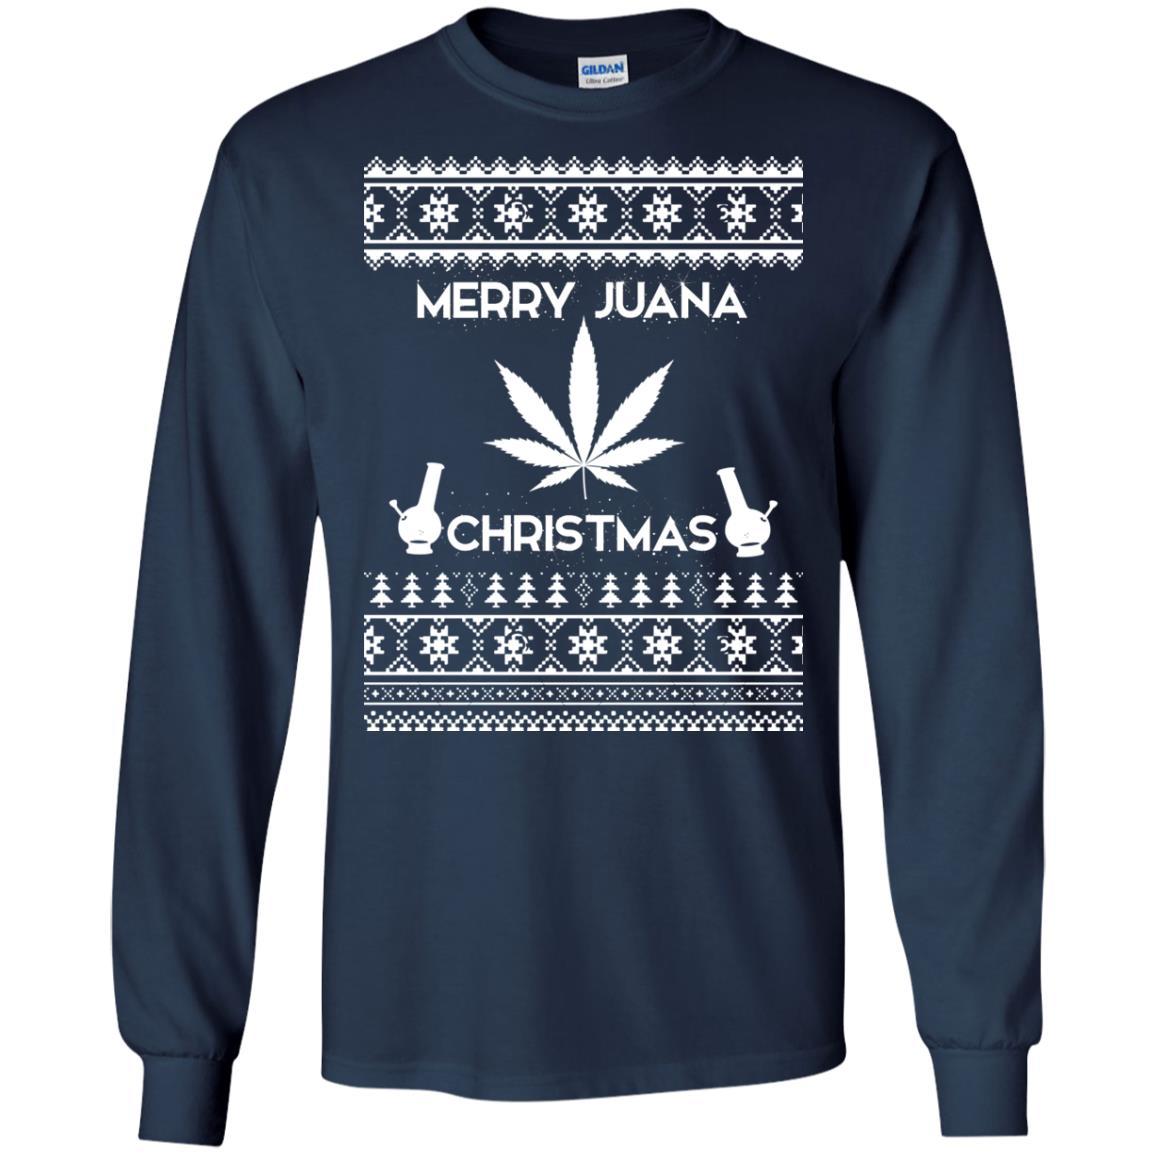 image 3885 - Merry Juana Weed Christmas Sweater, Ugly Sweatshirt